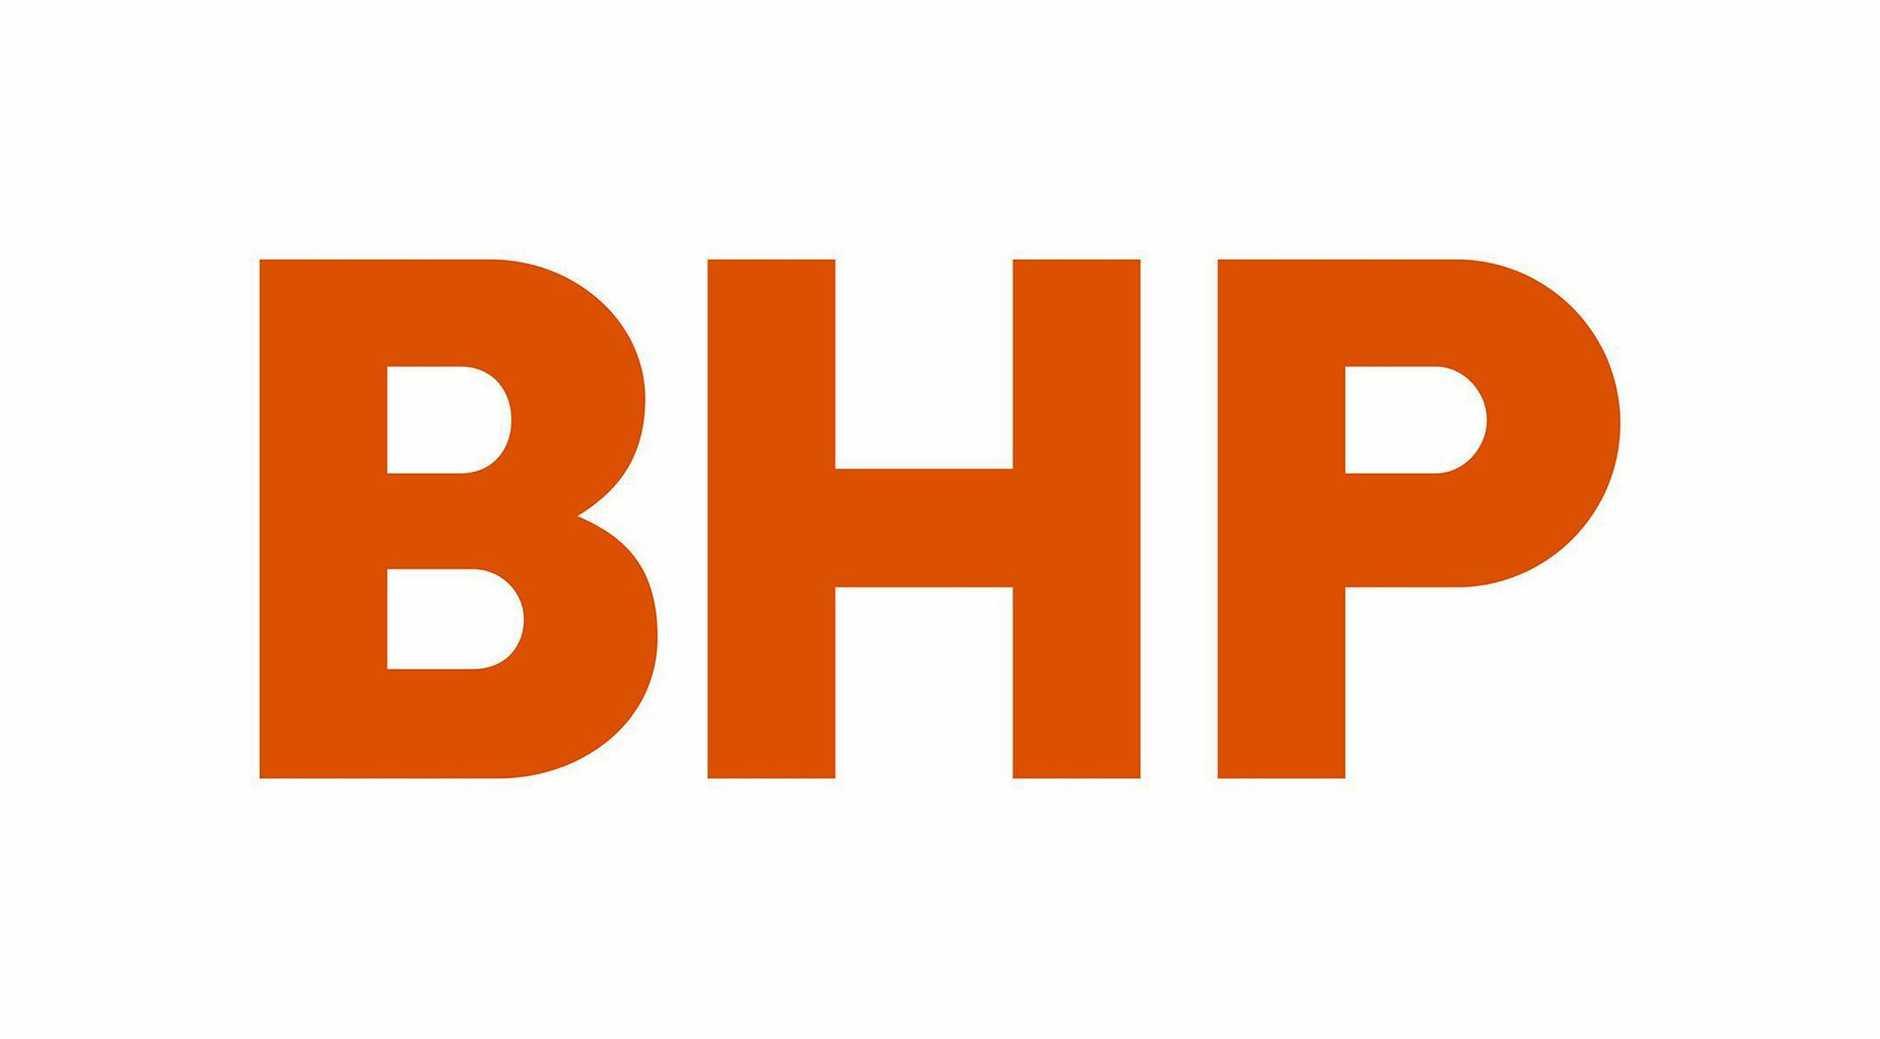 New logo to accompany new marketing campaign